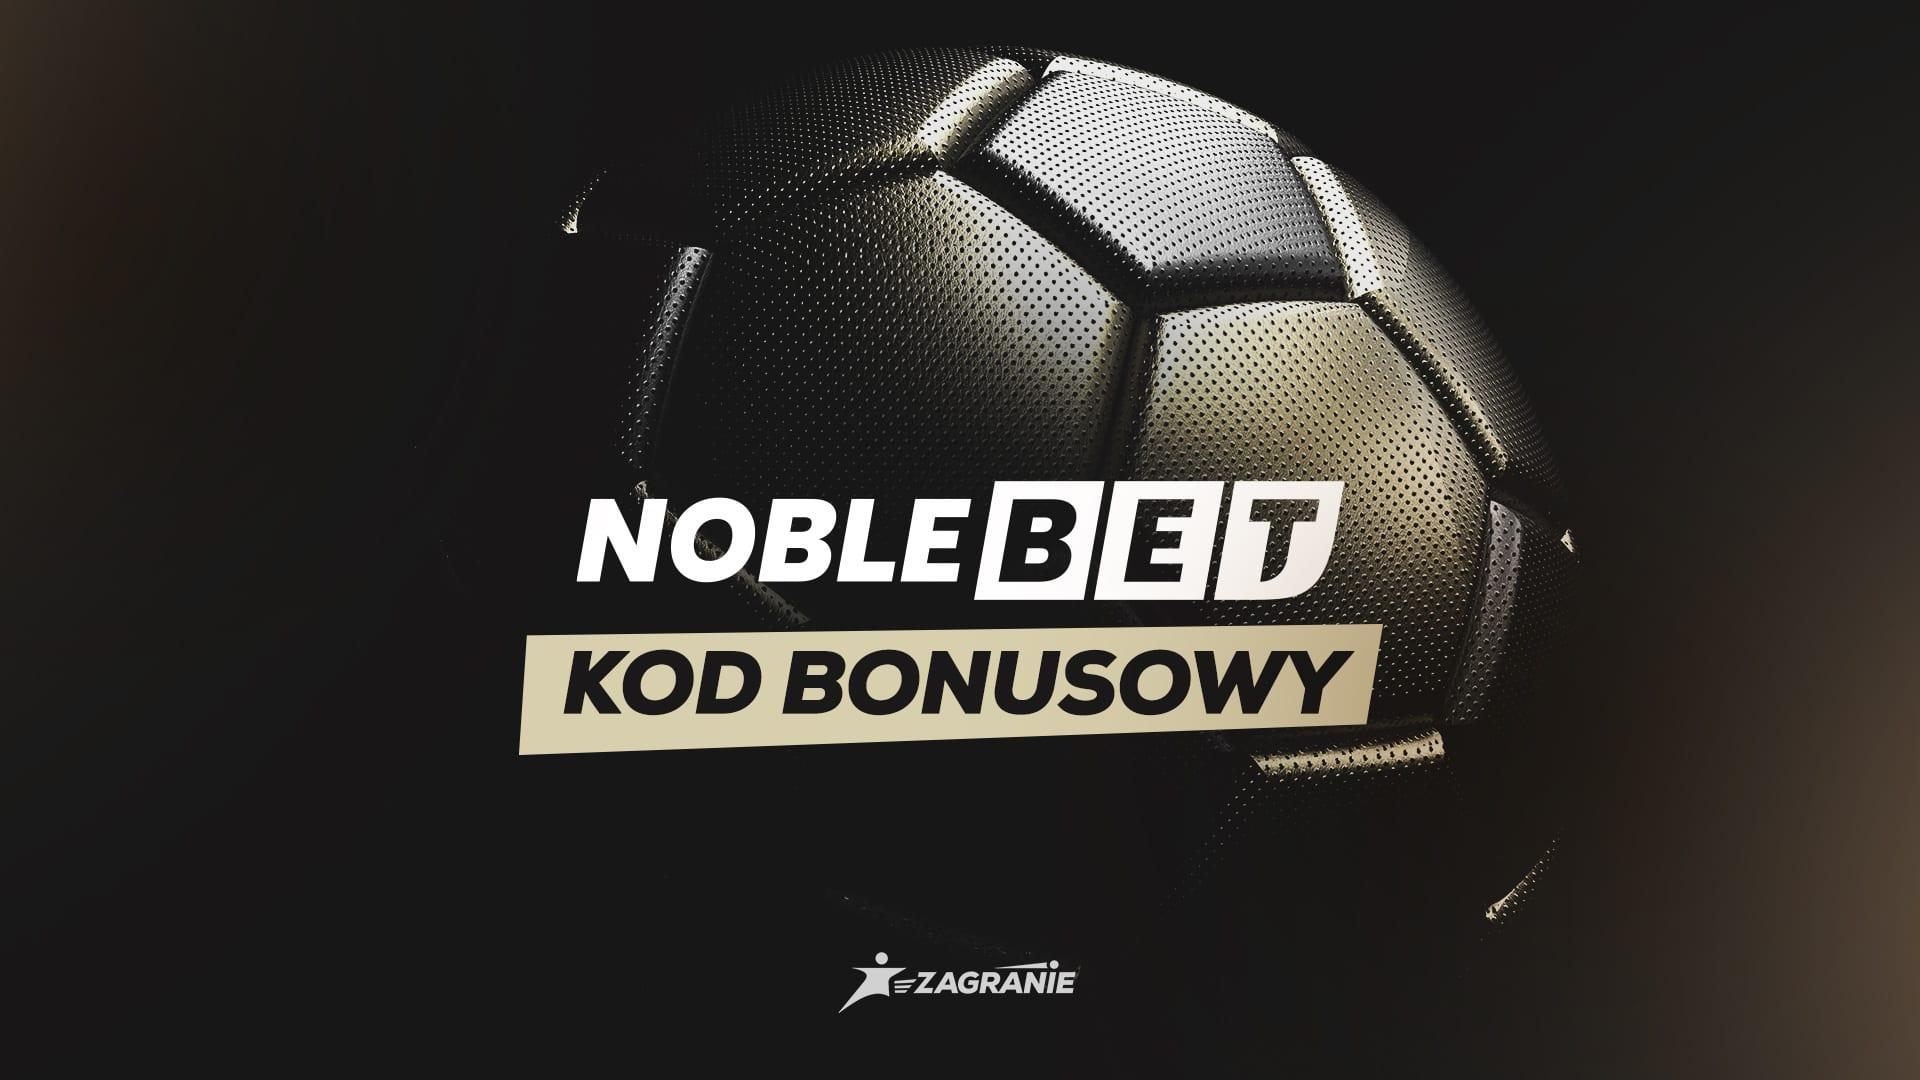 Noblebet kod bonusowy okładka